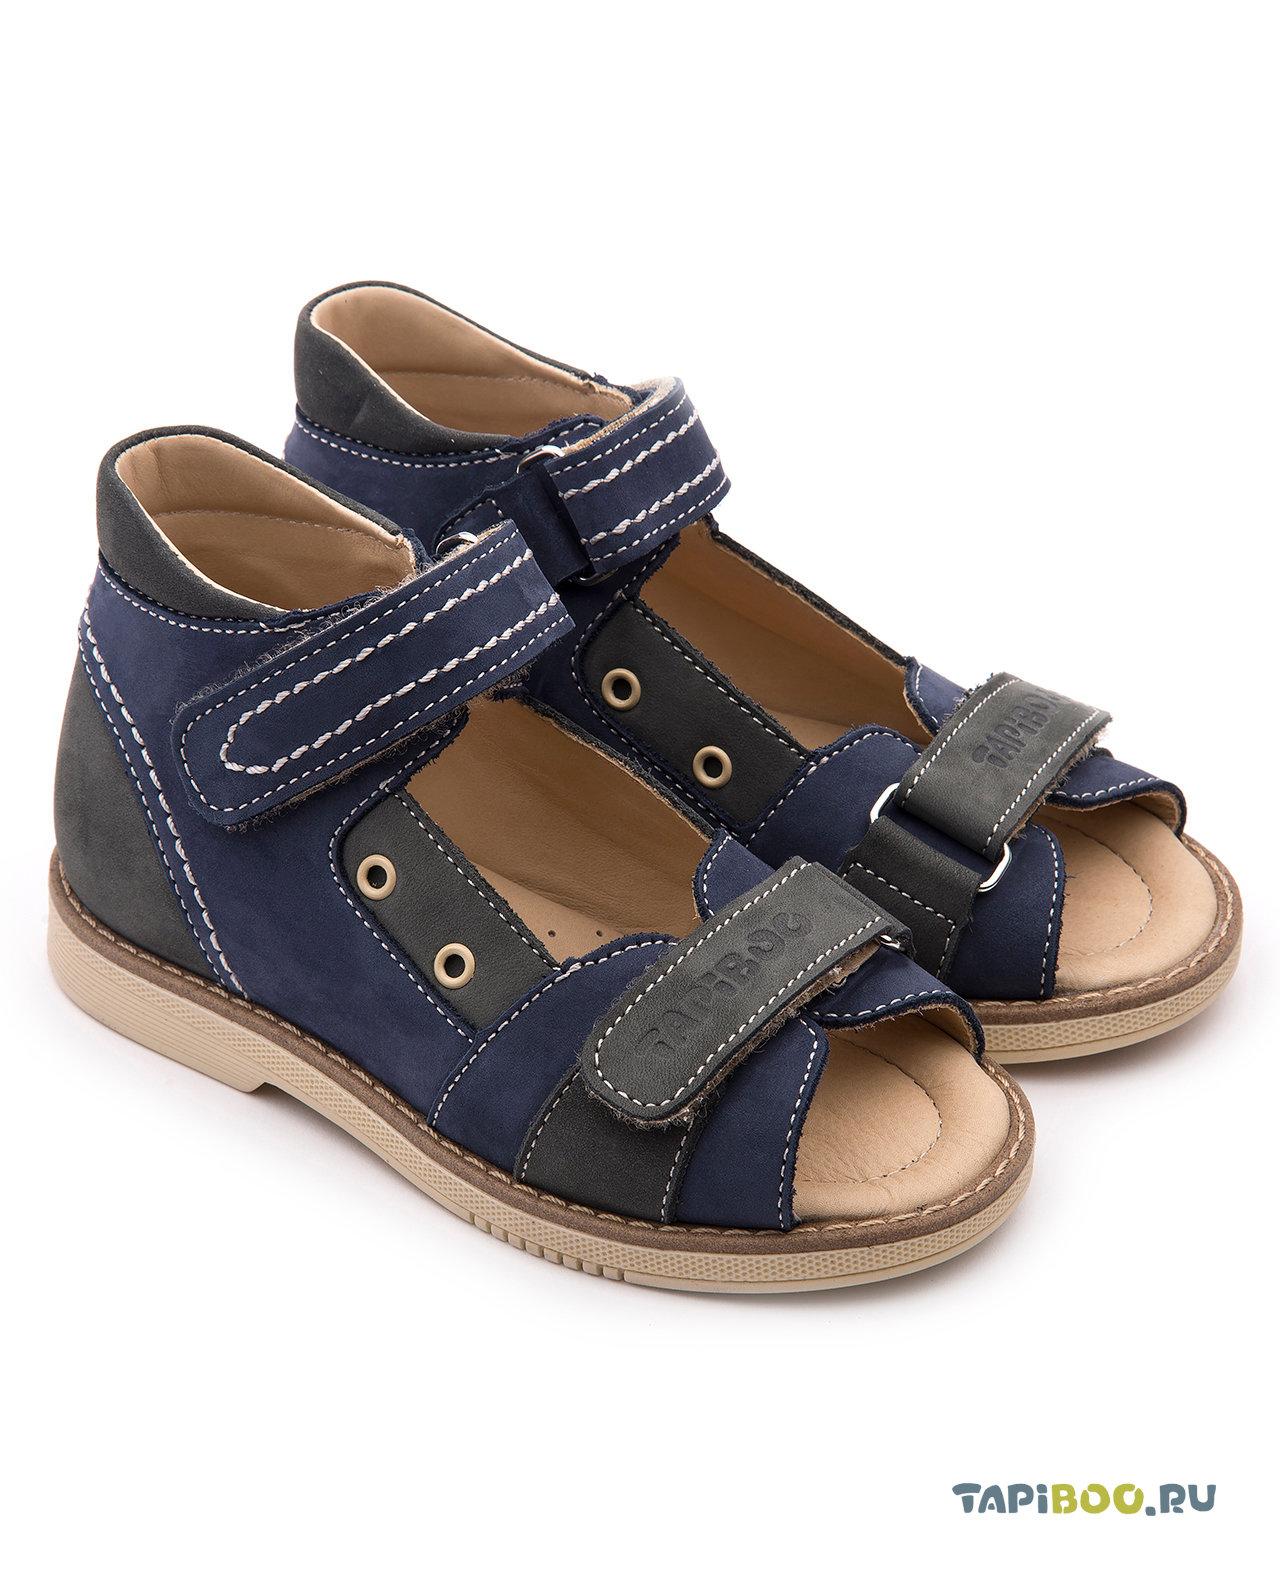 Купить обувь в кредит в интернет магазине взять кредит на длительный срок